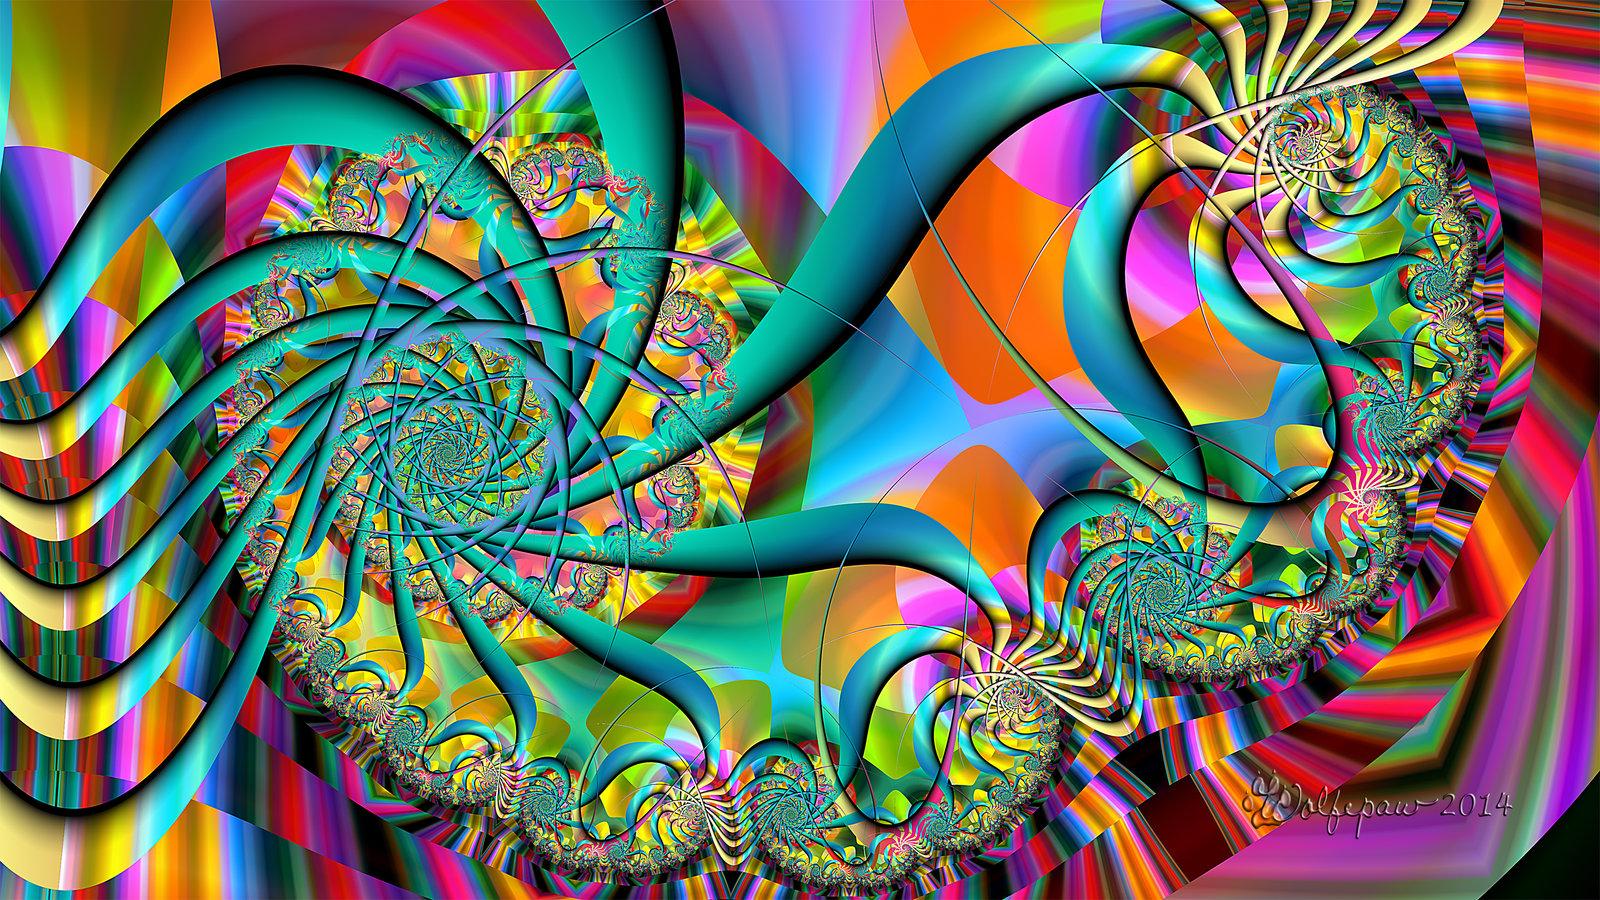 Spiraling Outward